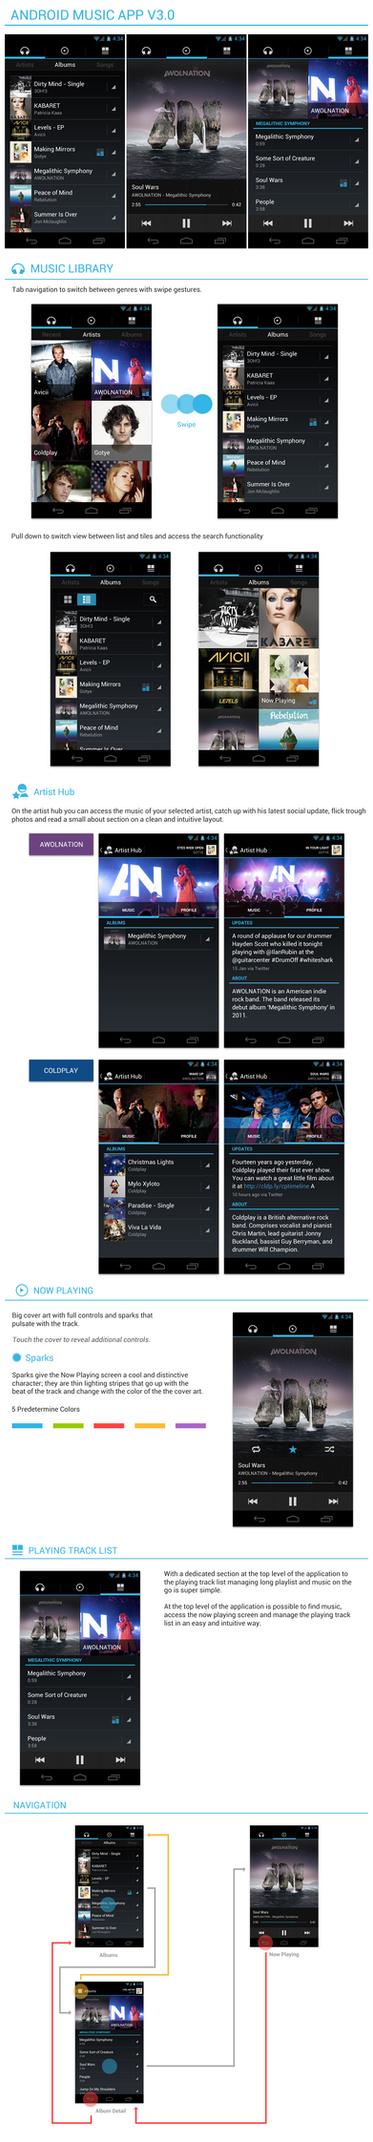 Android Music App V3.0 by Febernovo on DeviantArt